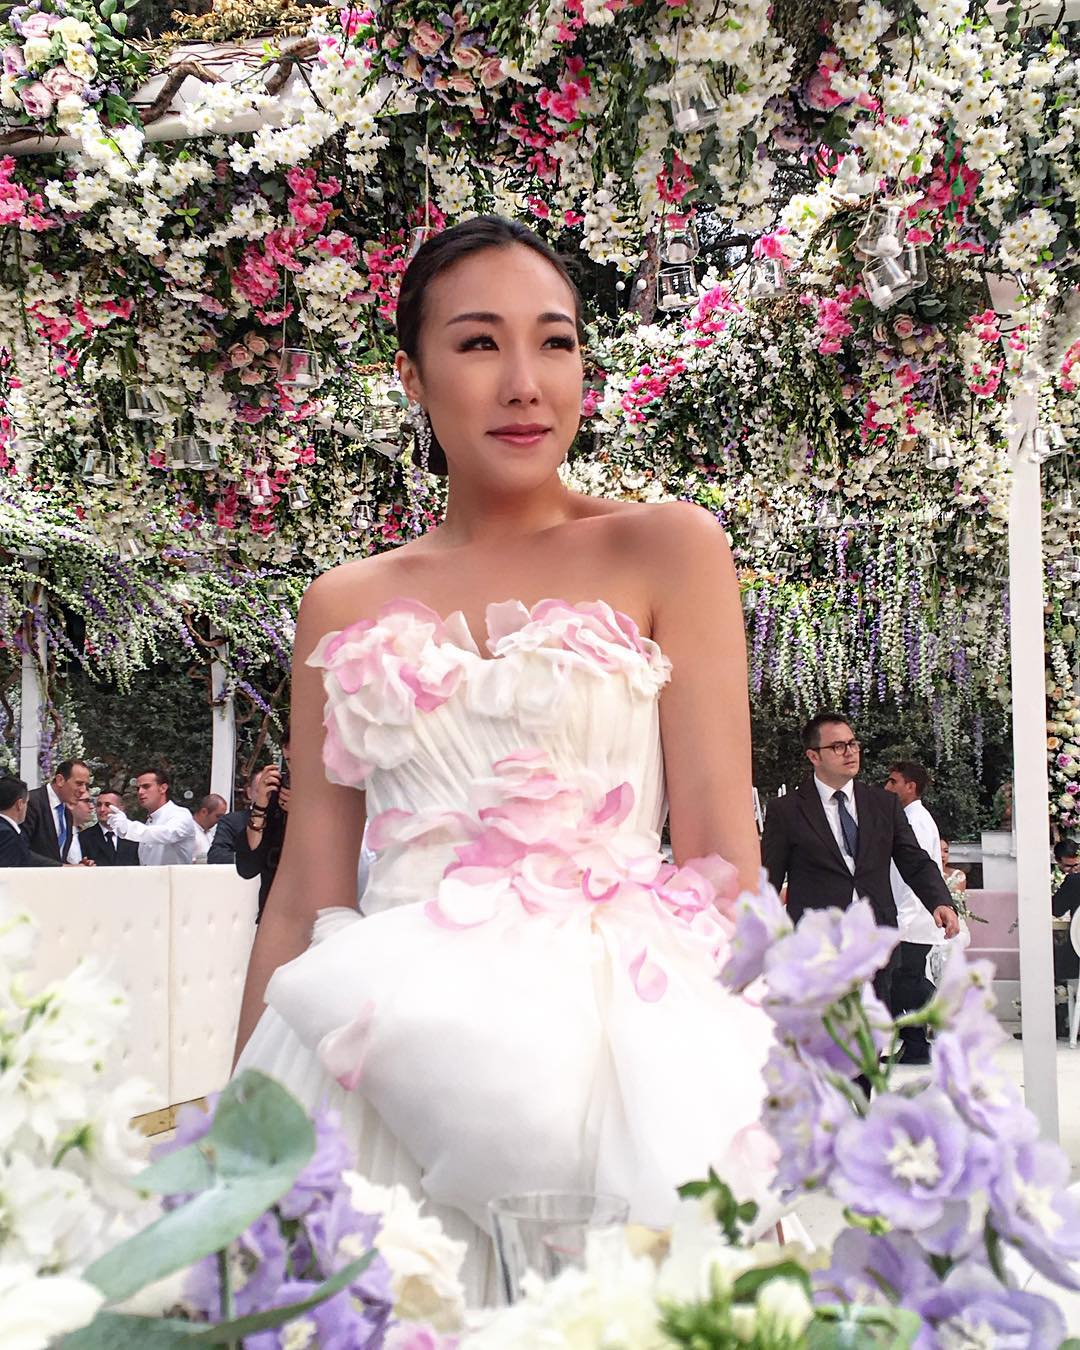 over the top weddings19121965_485485201786591_723065694266064896_n.jpg